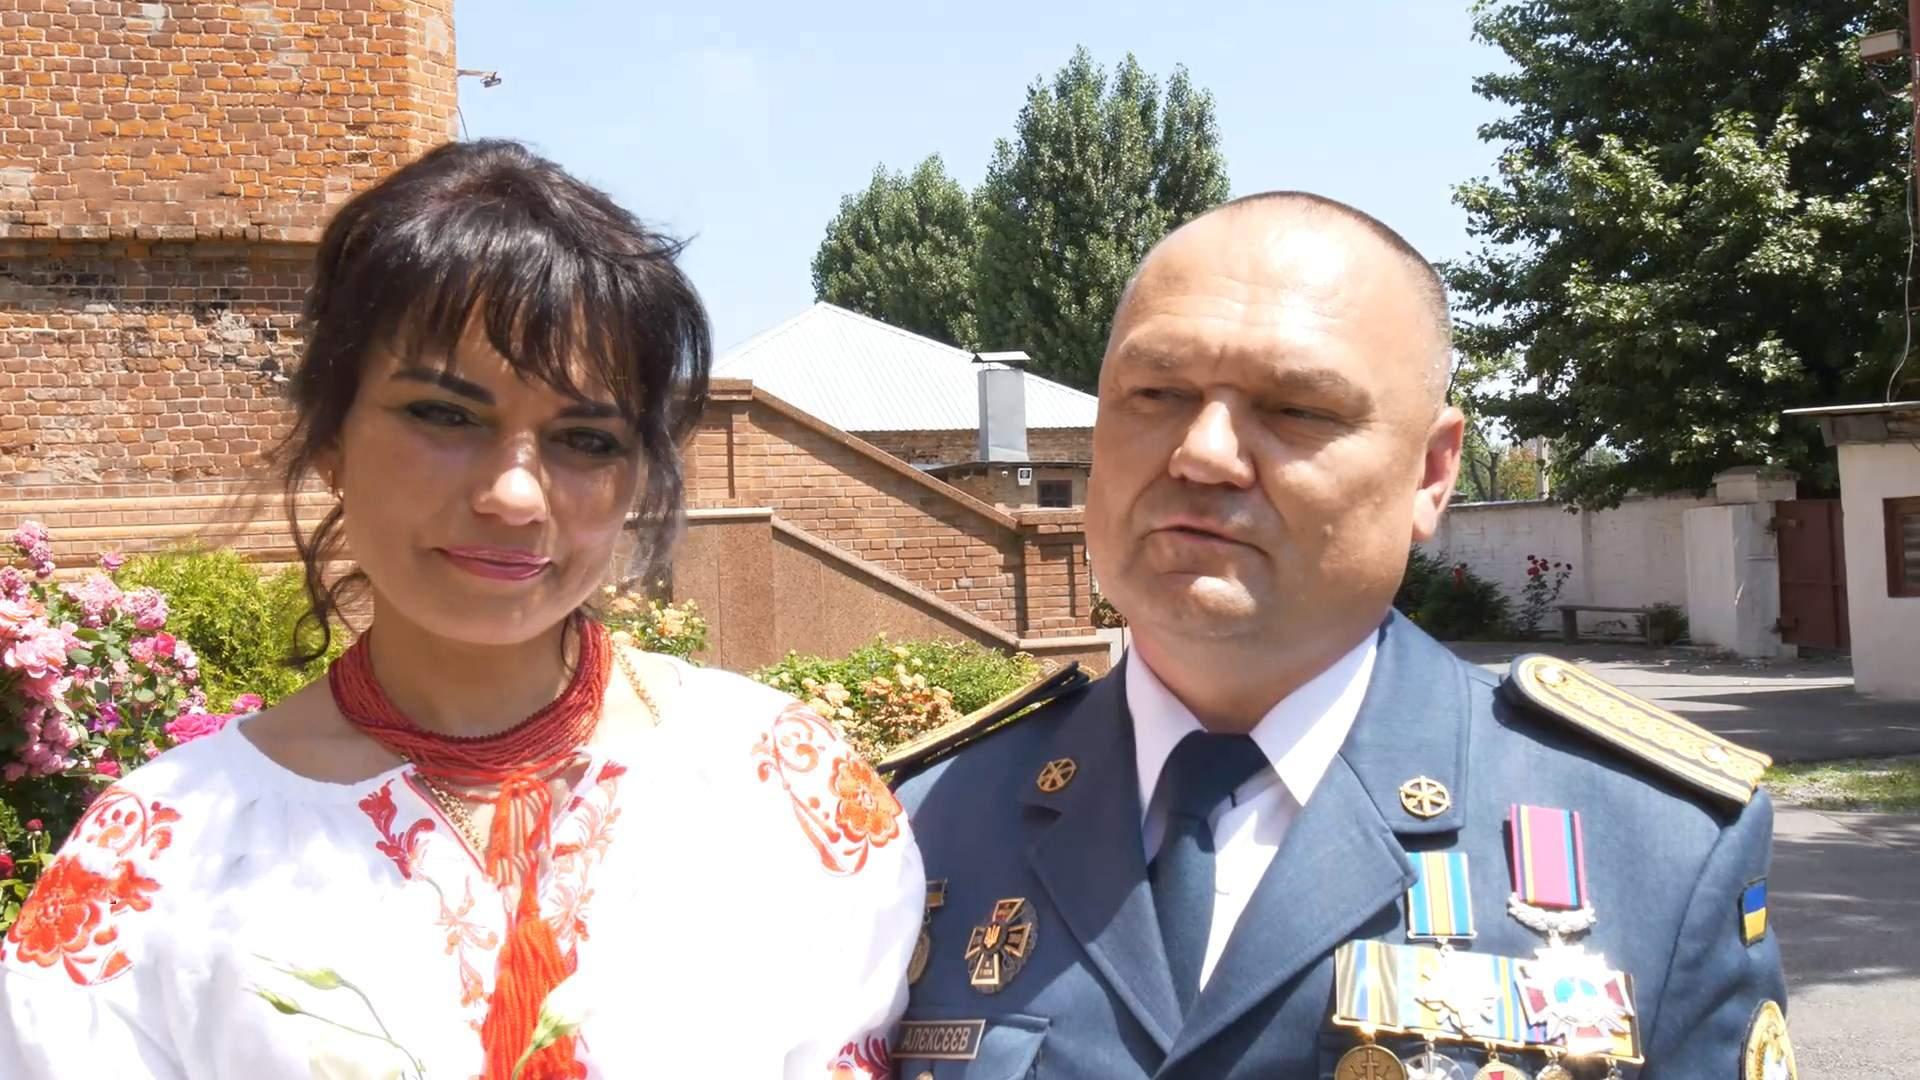 Разом під обстрілами: військовий і медсестра повінчалися після 25 років сімейного життя